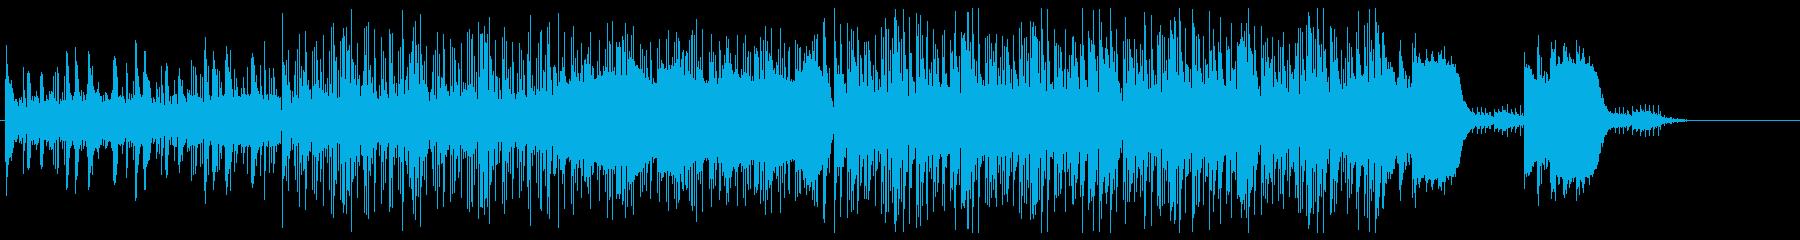 かっこいいミディアムテンポのエレクトロの再生済みの波形